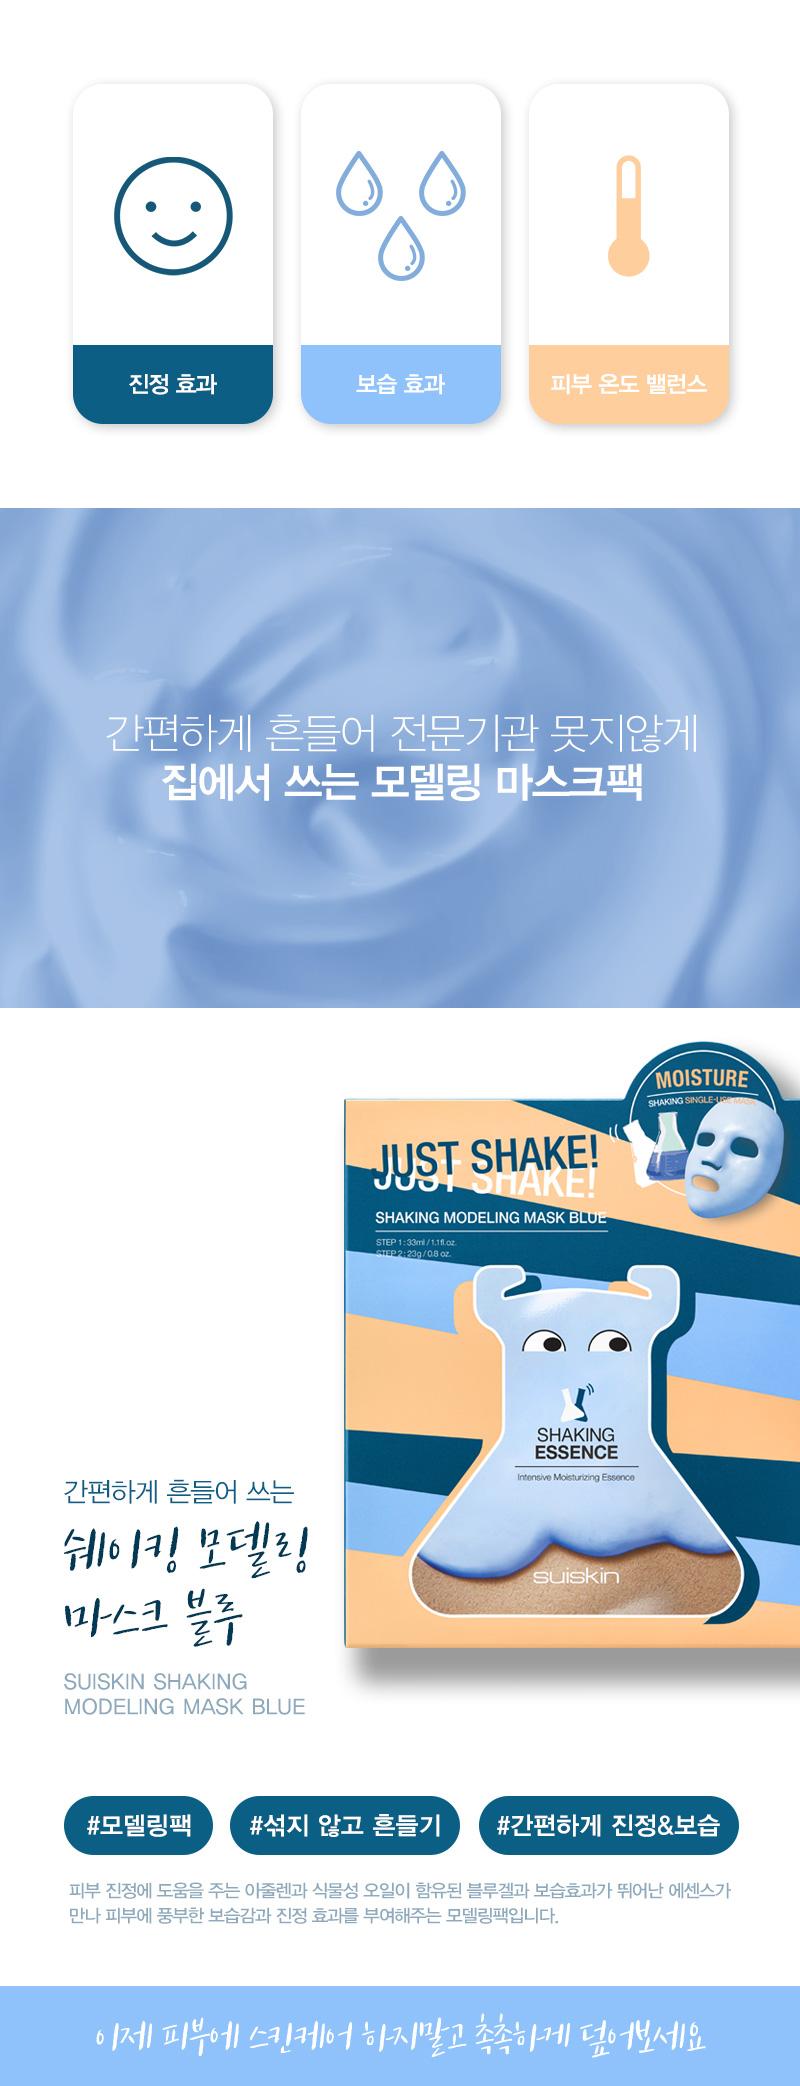 Mat Na Cao Su Duong Am Va Lam Diu Da Suiskin Shaking Modeling Mask